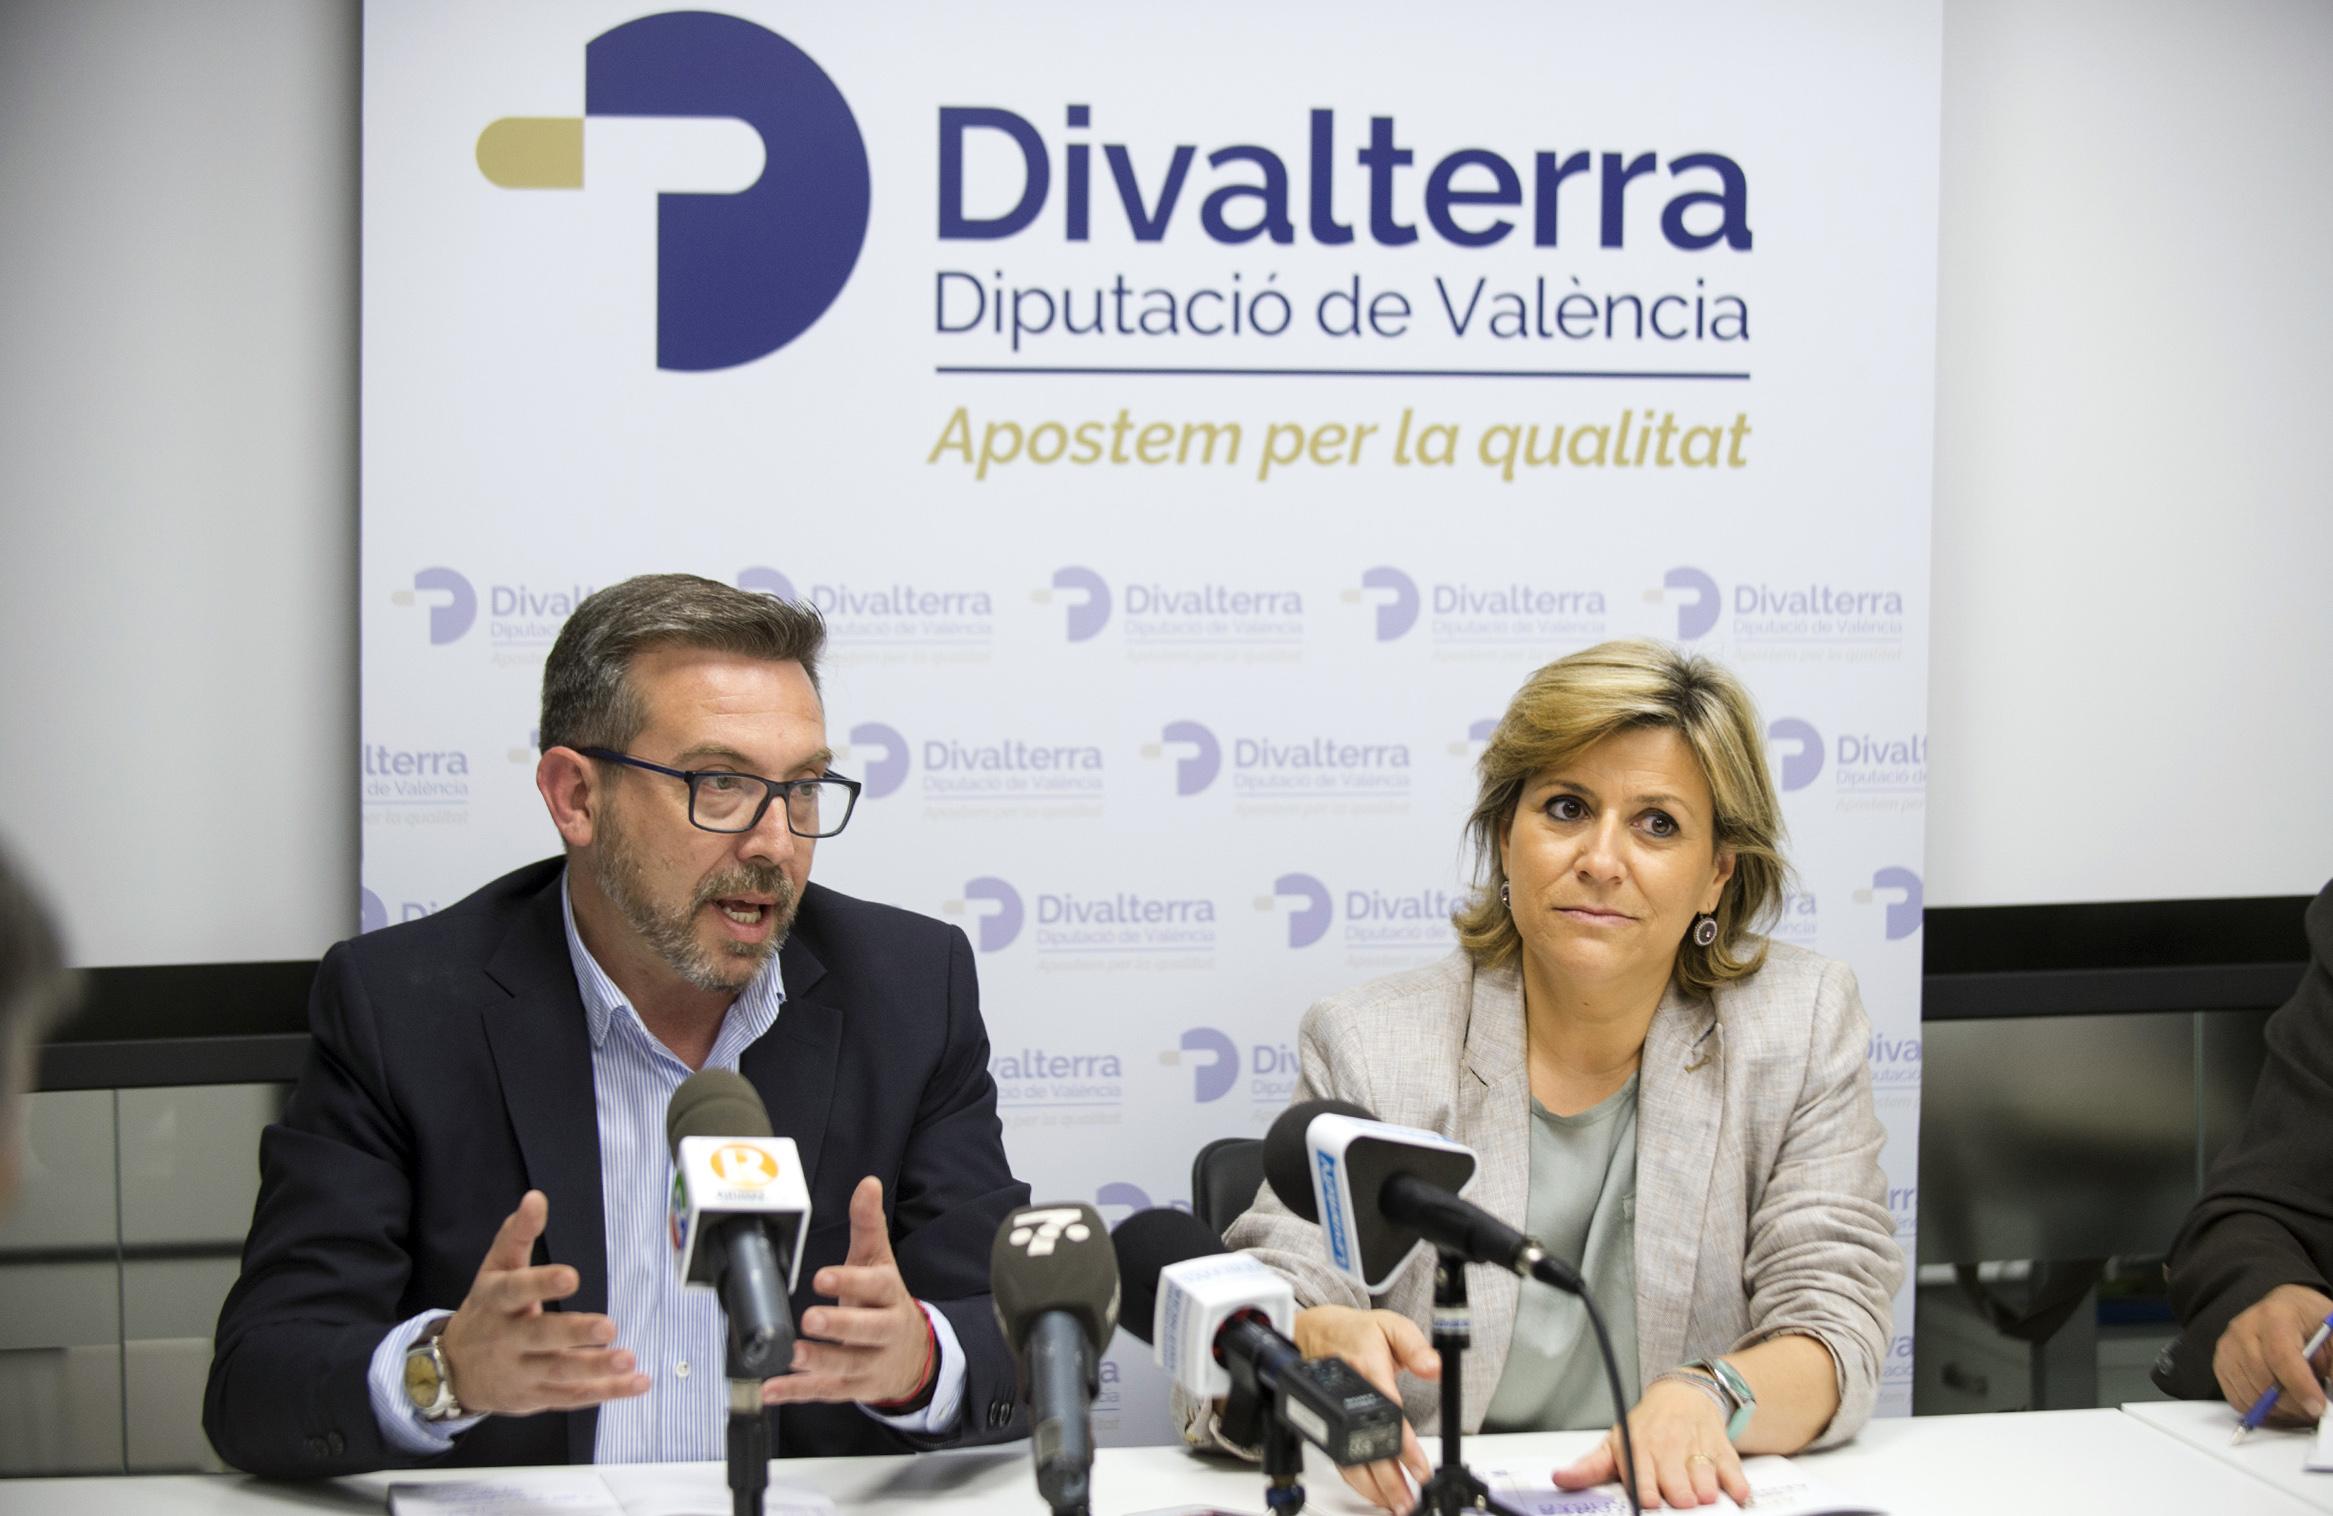 Los gerentes de Divalterra, Víctor Sahuquillo y Agustina Brines.